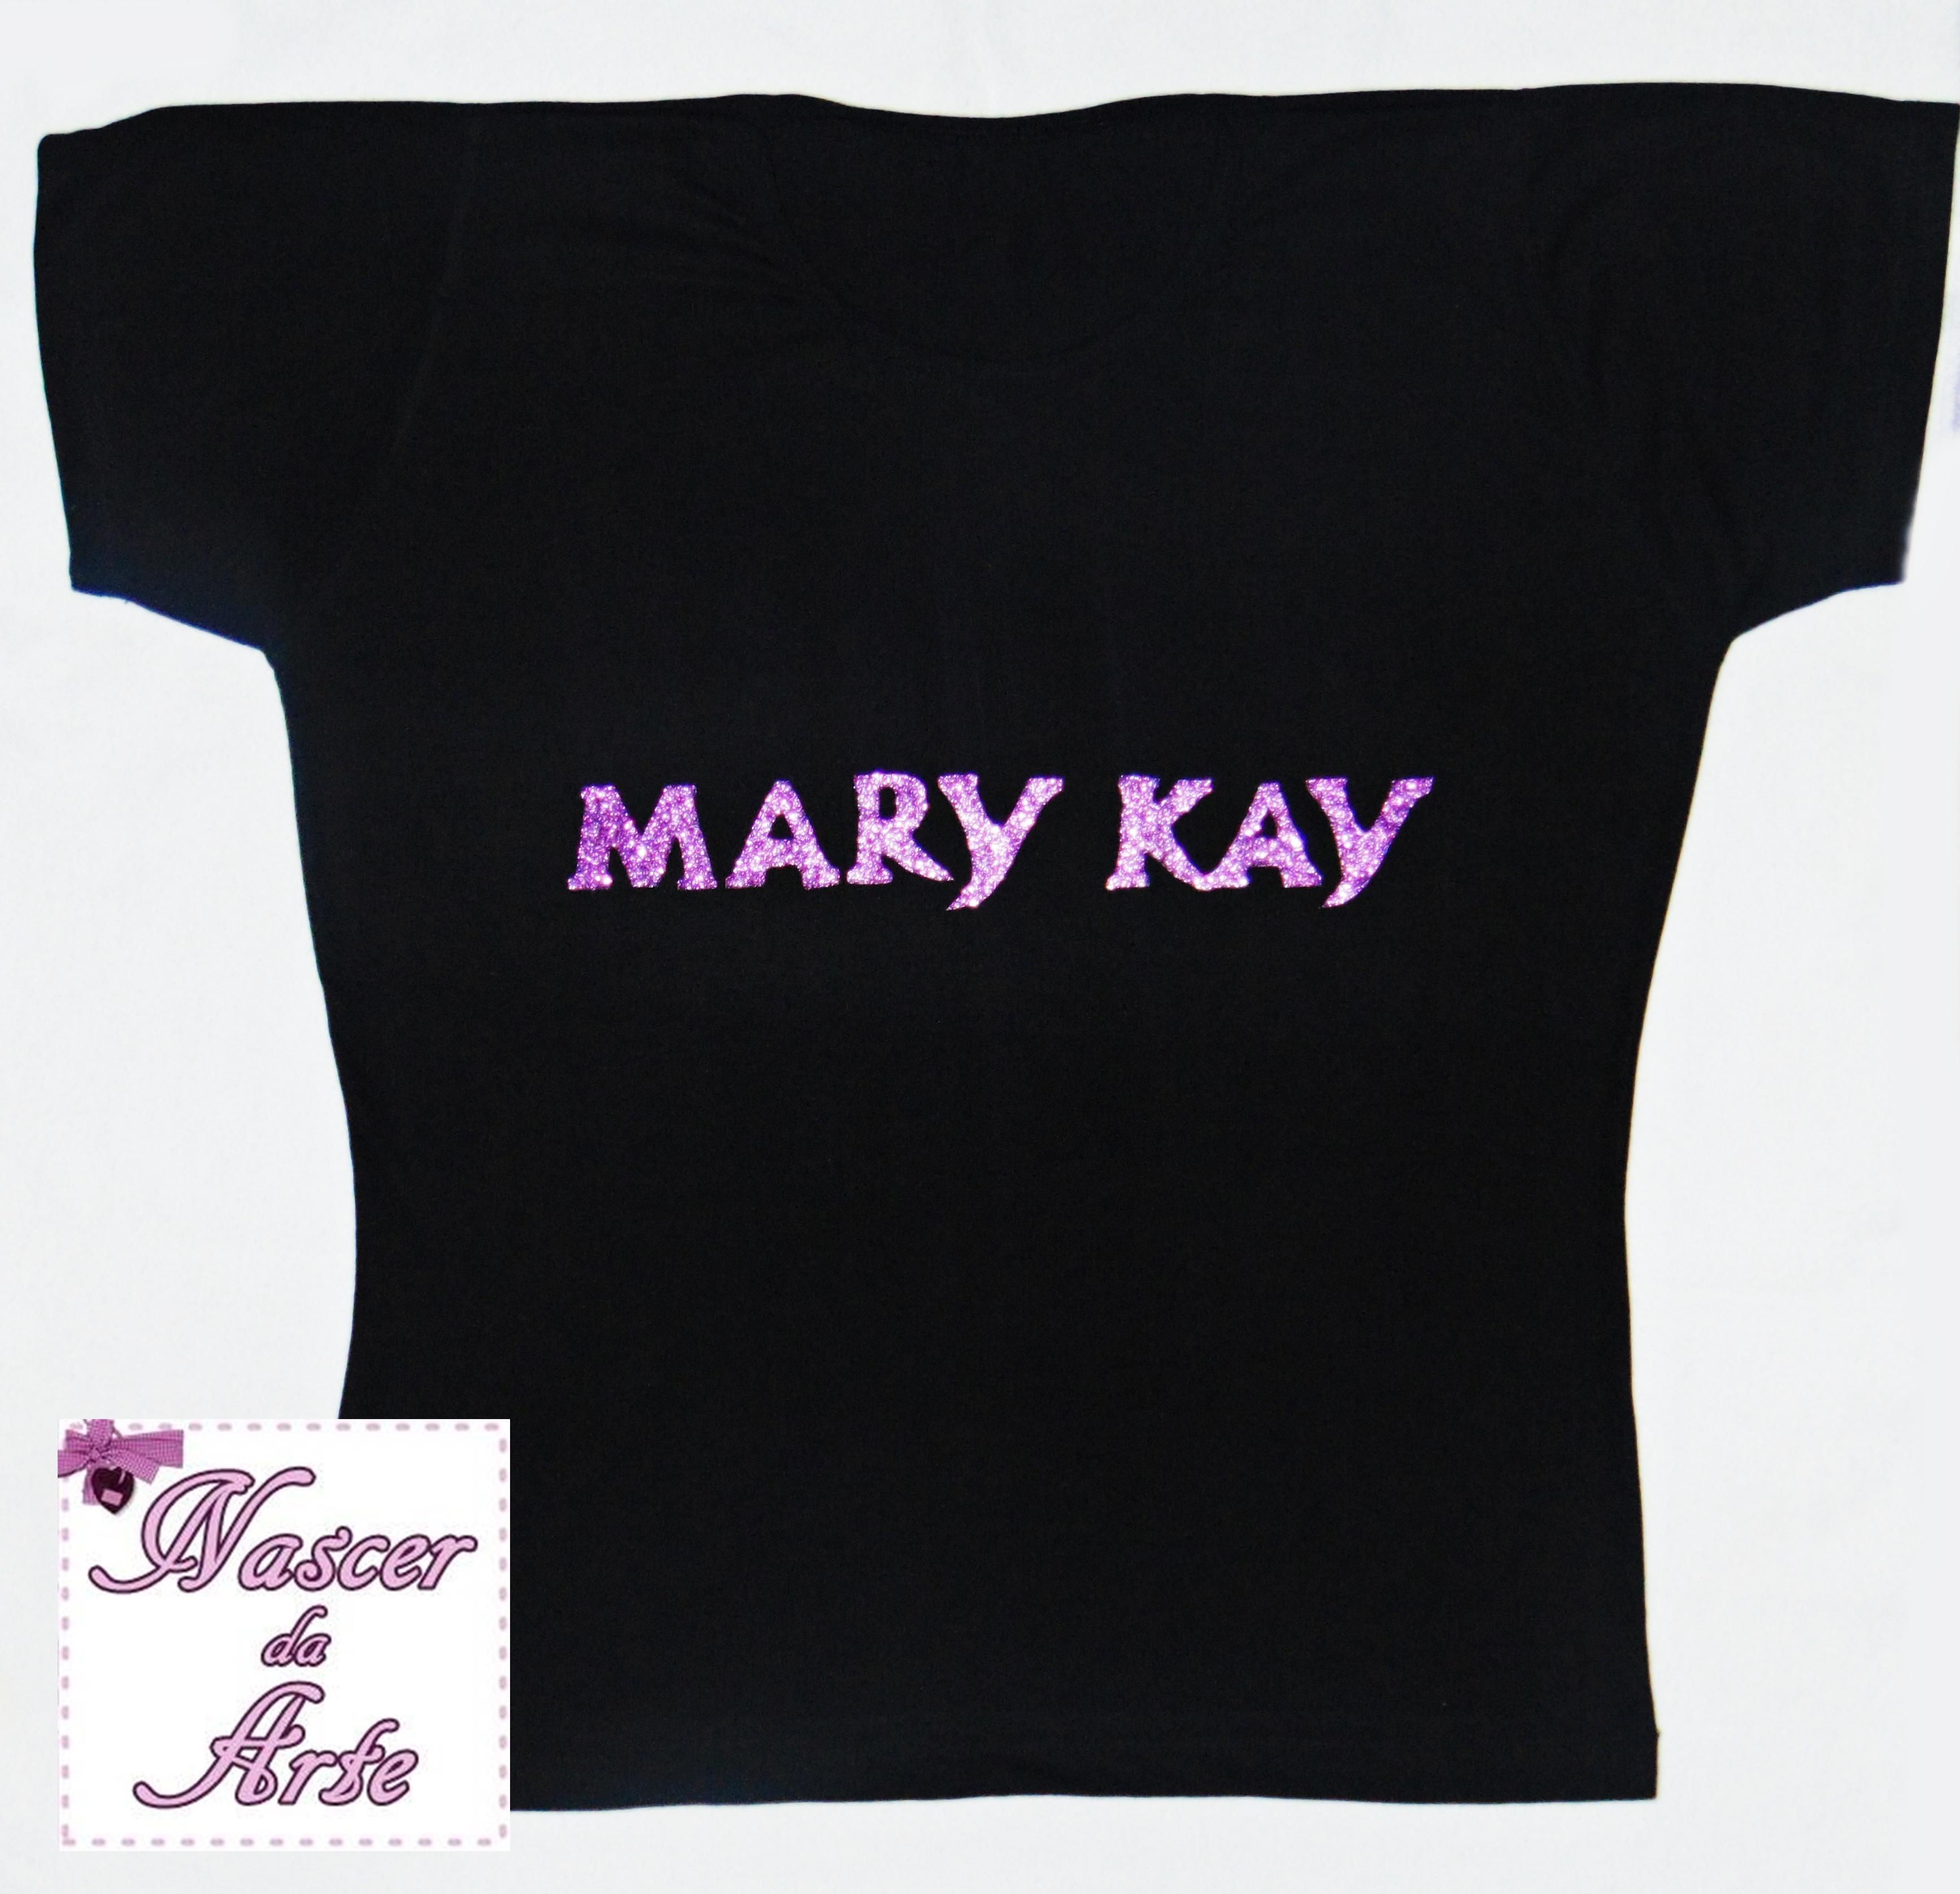 baby-look-mary-kay-mary-kay.jpg